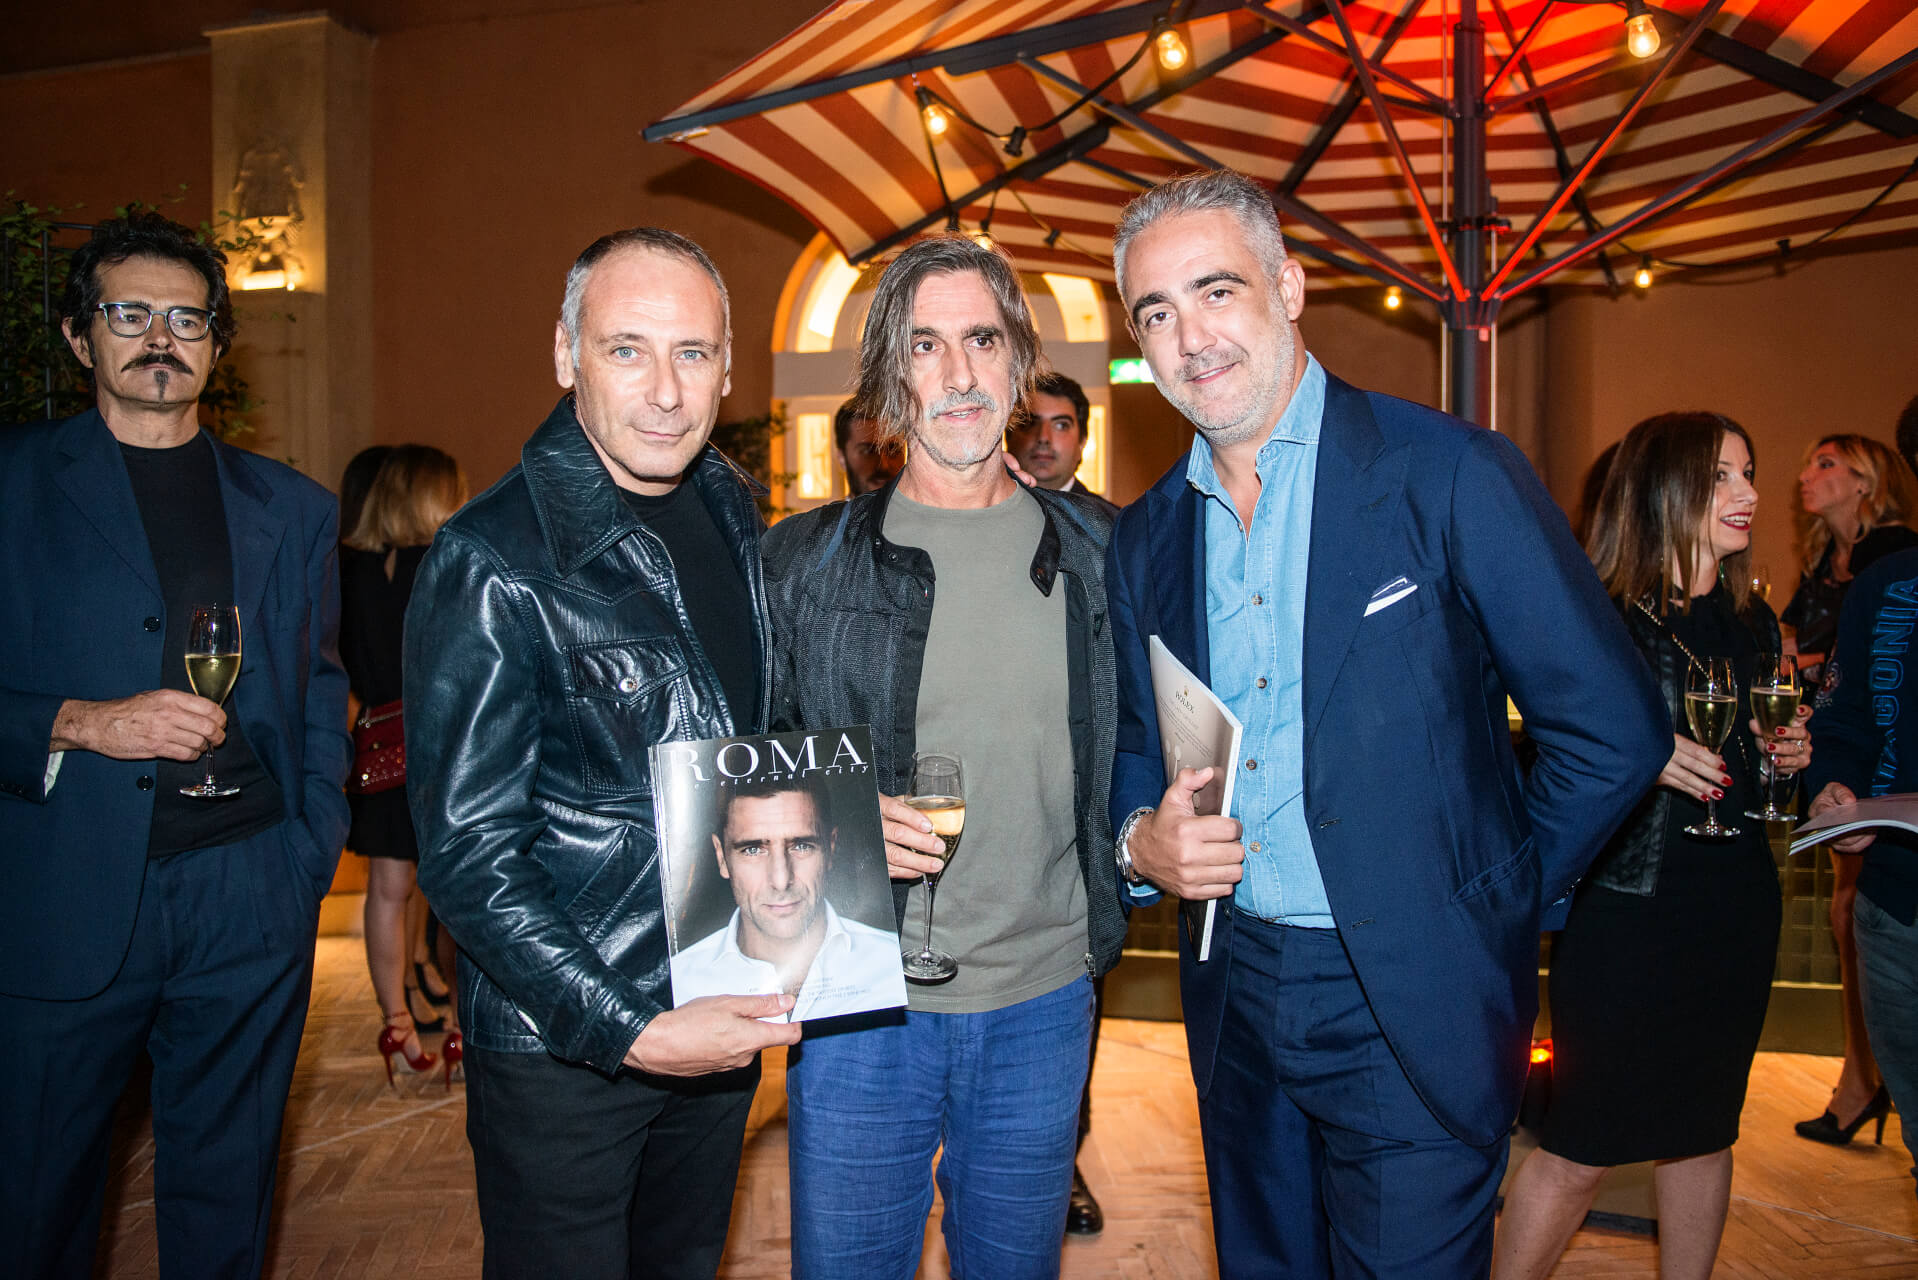 Roberto Bisesti, Fabio Lovino, Matteo Parigi Bini